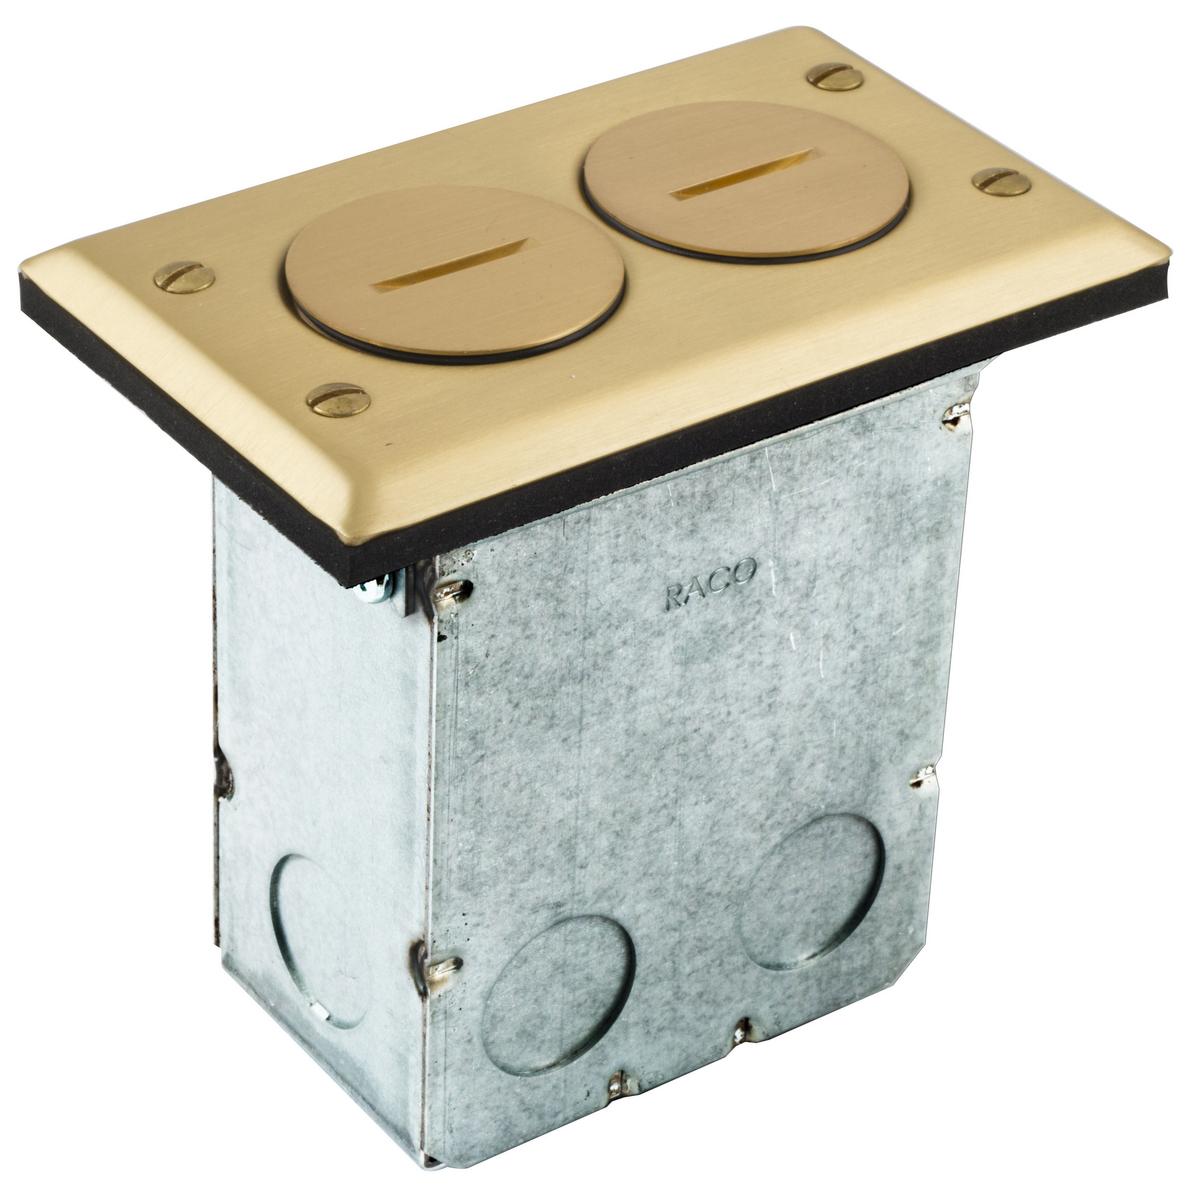 HUBRF6500BR FLR BOX KIT, 15A DUPLEX, BRASS ,RF6500BR, HUBBELL